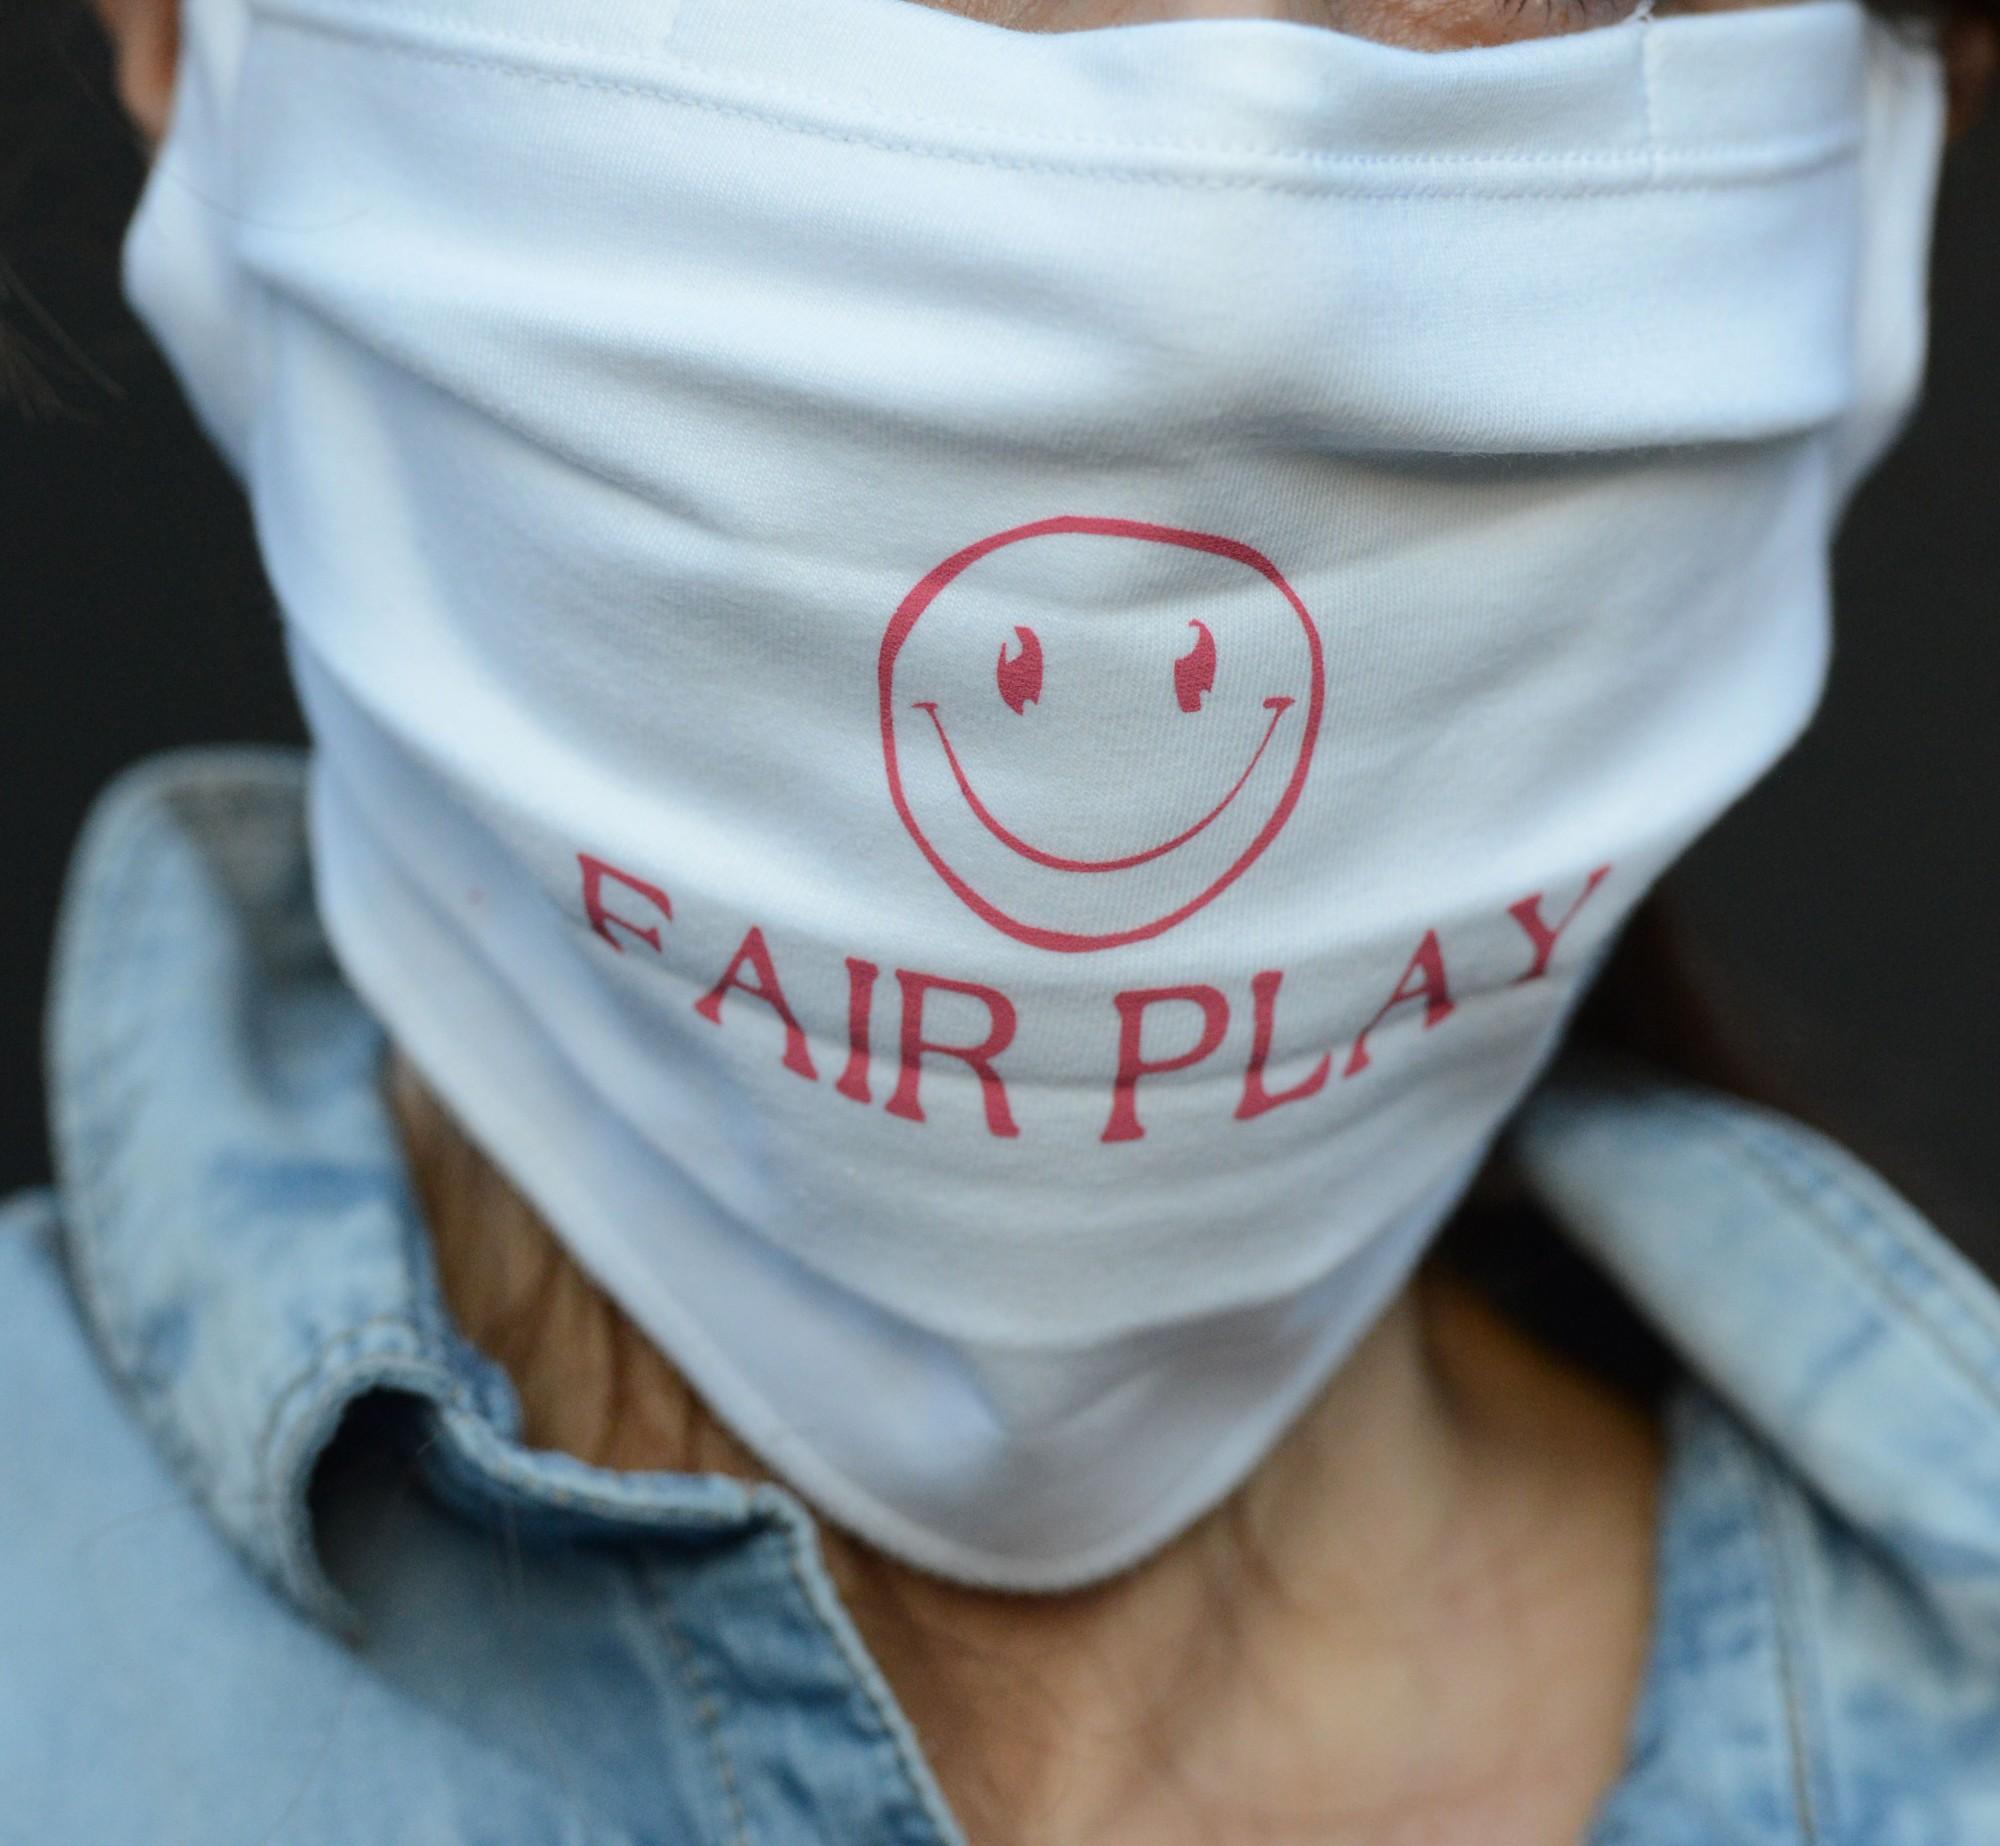 """Behelfsmäßige Mund-Nasen-Maske (""""Alltagsmaske"""", """"Community-Maske"""") – mit Aufdruck """"Smiley – fair play"""" in schwarz (1 Packung=2 Stück)"""